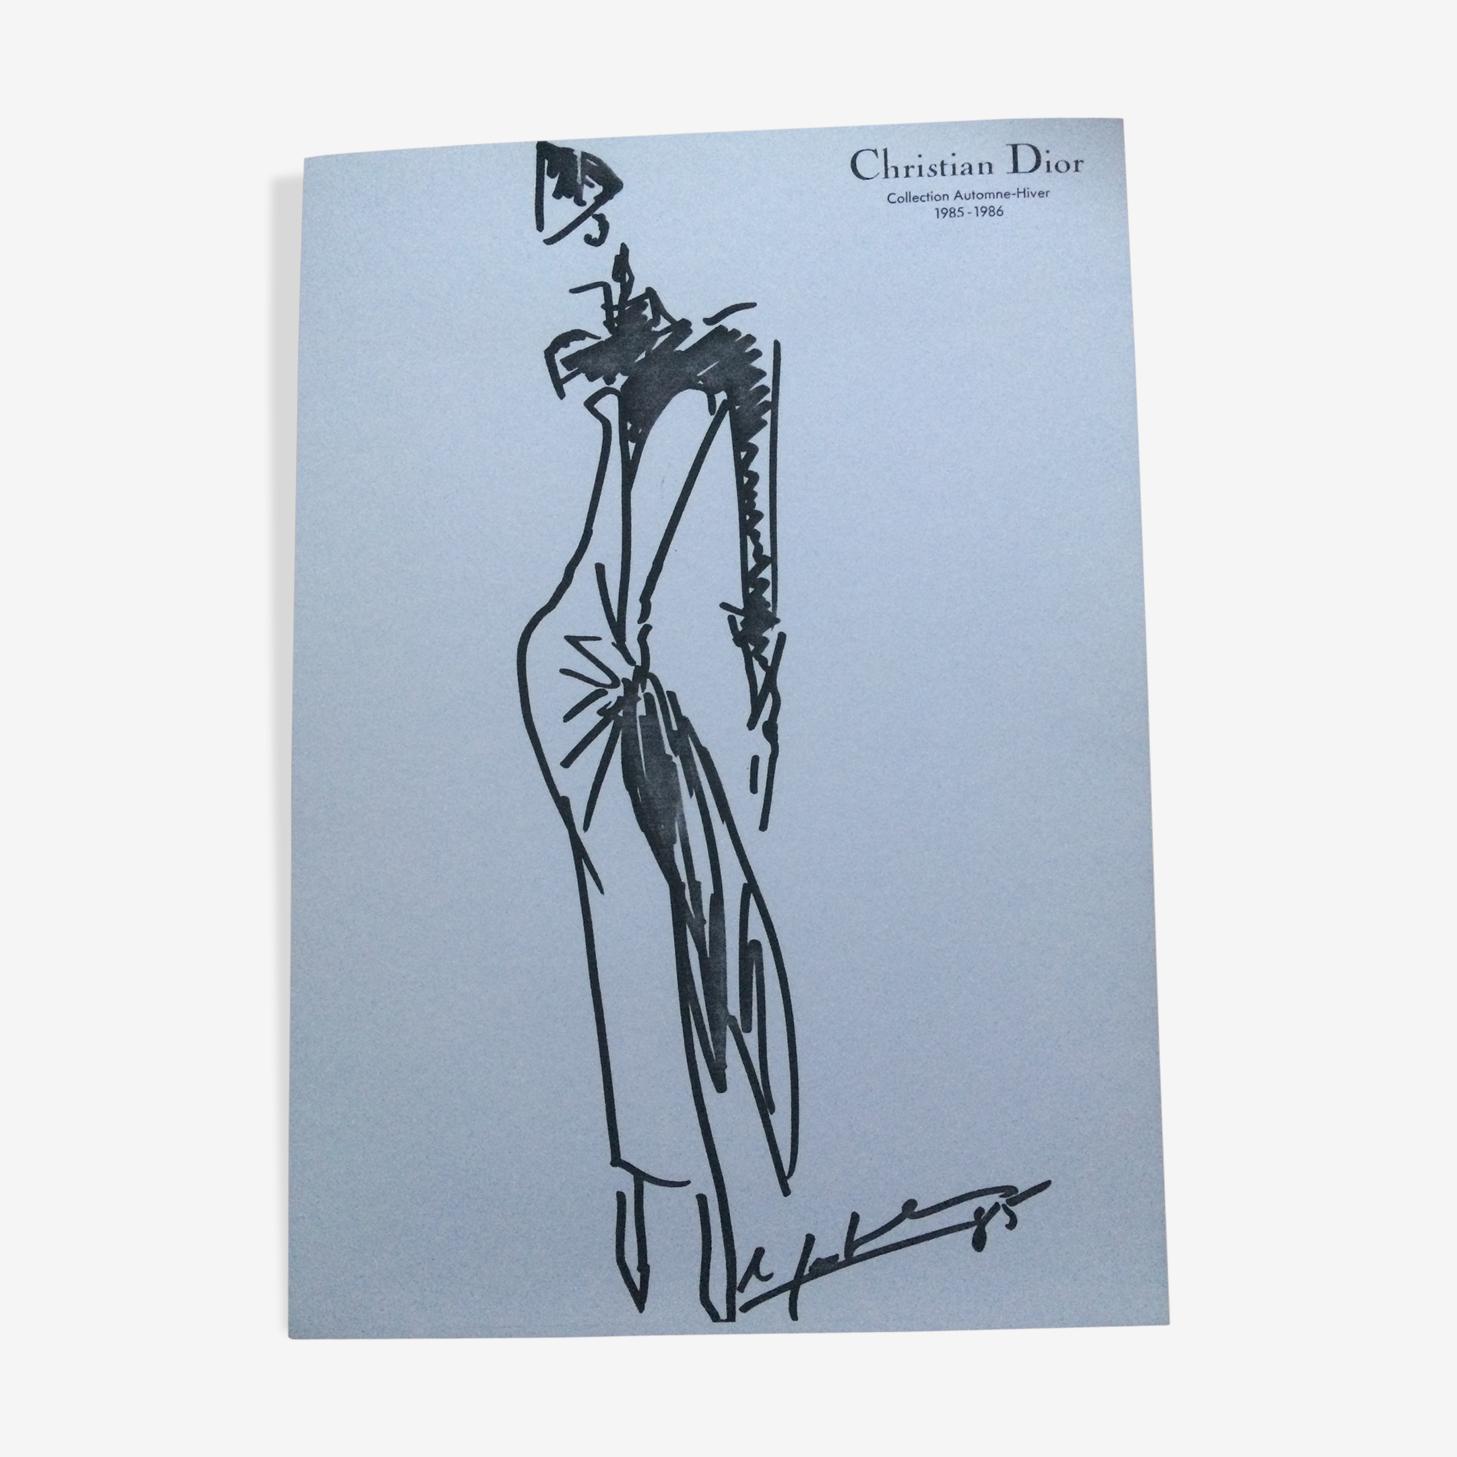 Croquis de mode Christian Dior accompagnée d'une photographie de presse des années 80